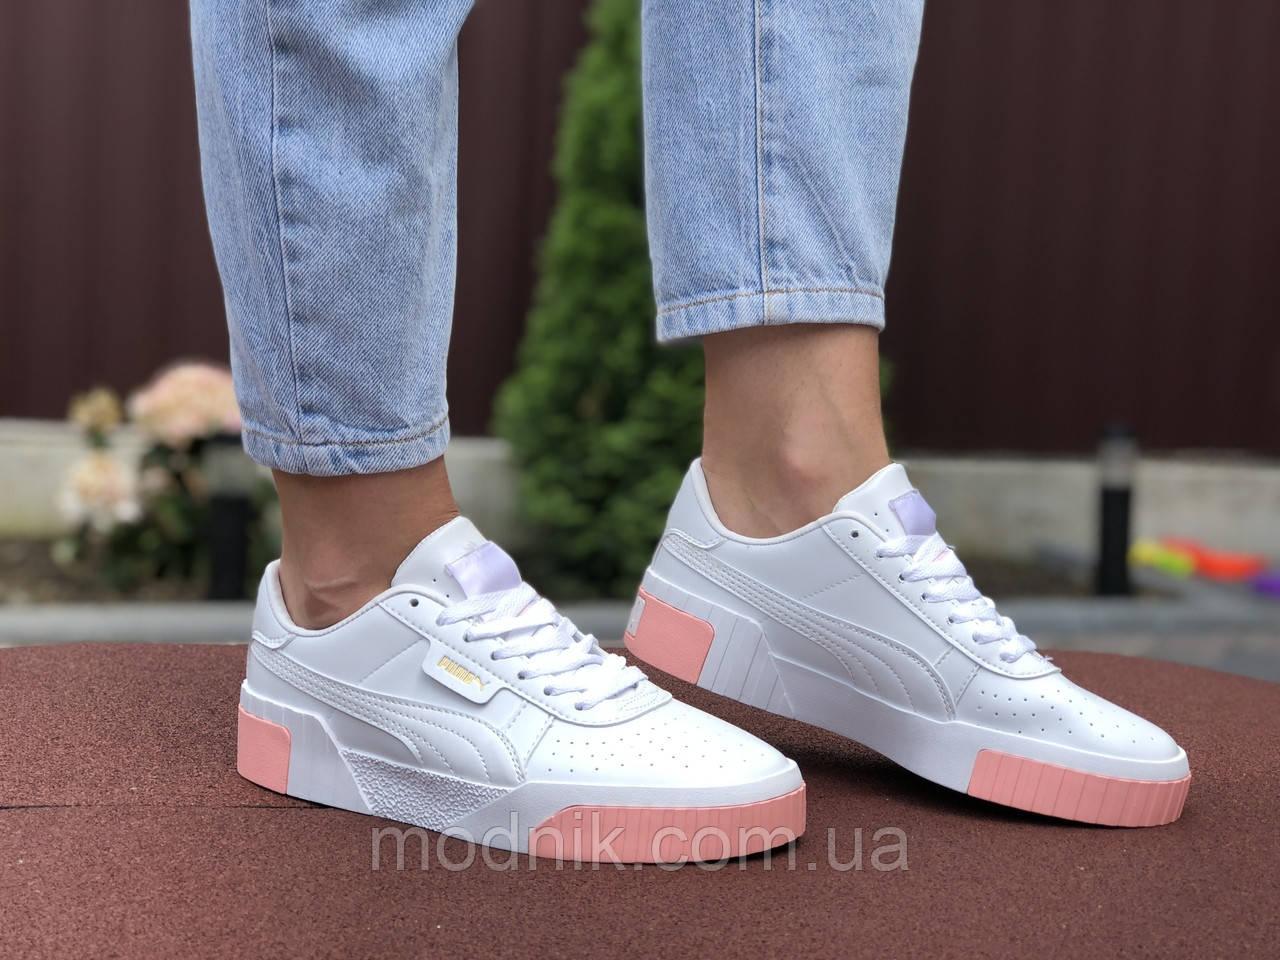 Женские кроссовки Puma Cali (бело-розовые) 9528